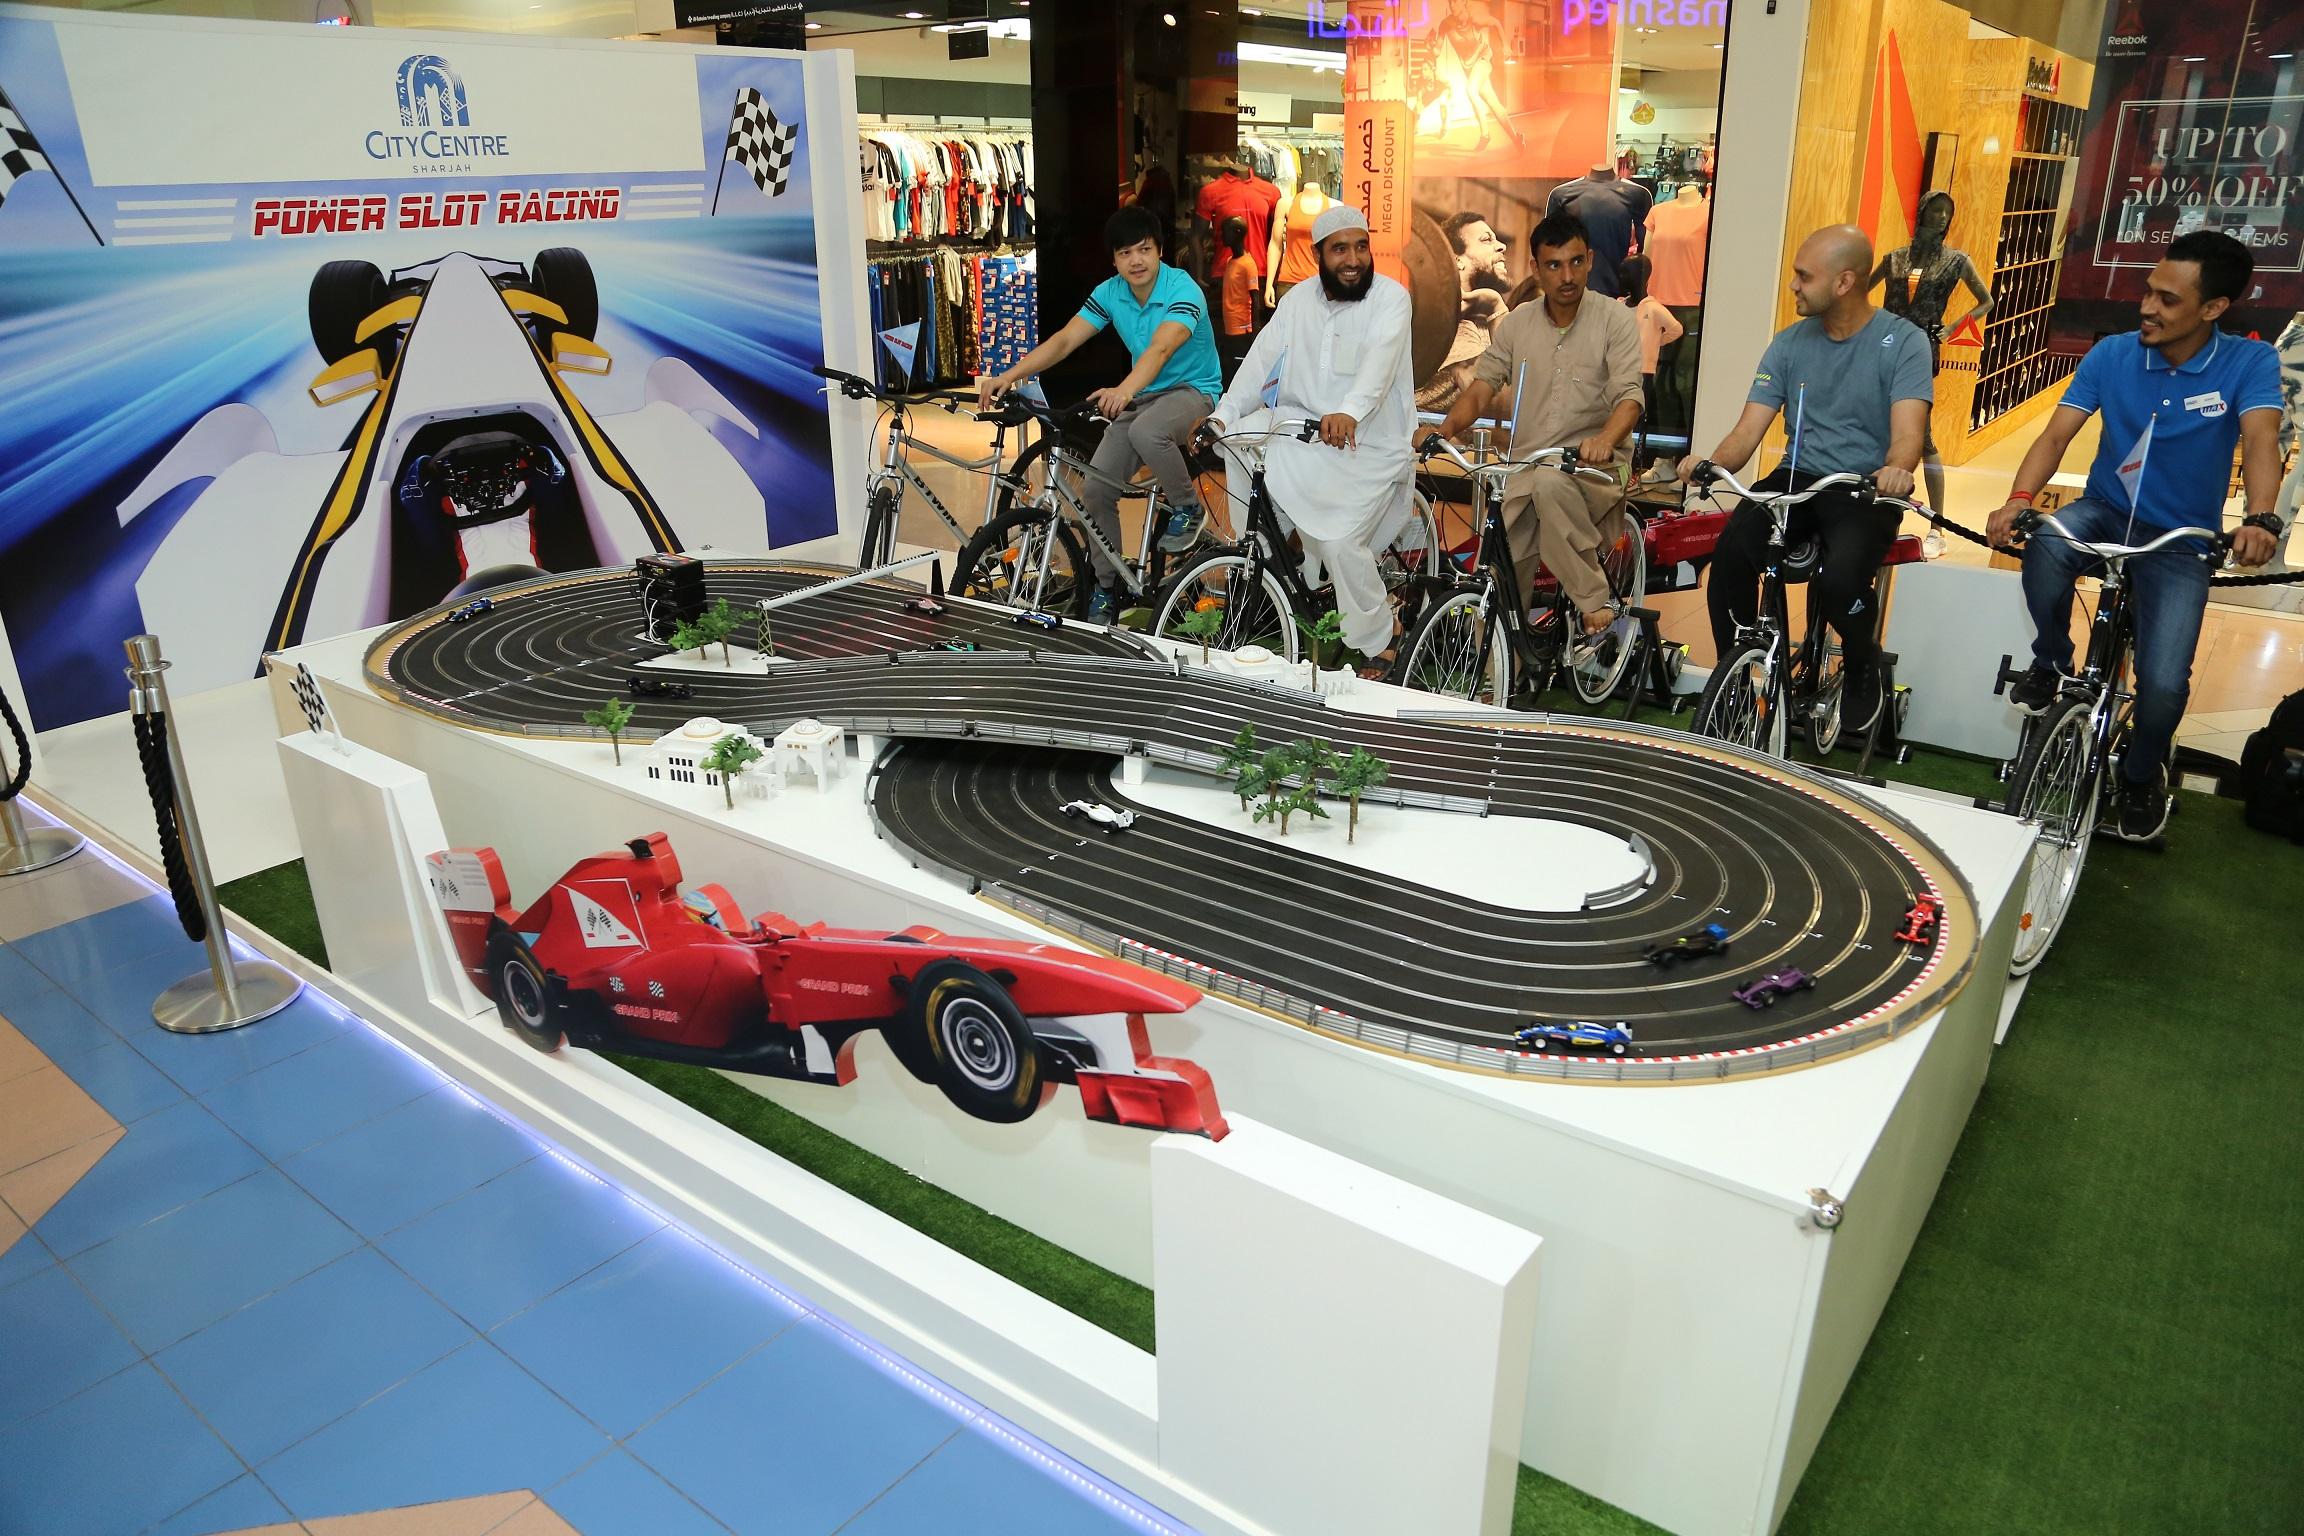 سيتي سنتر الشارقة يستضيف لعبة سباق السيارات المصغرة بقوة الدراجات الهوائية التقليدية